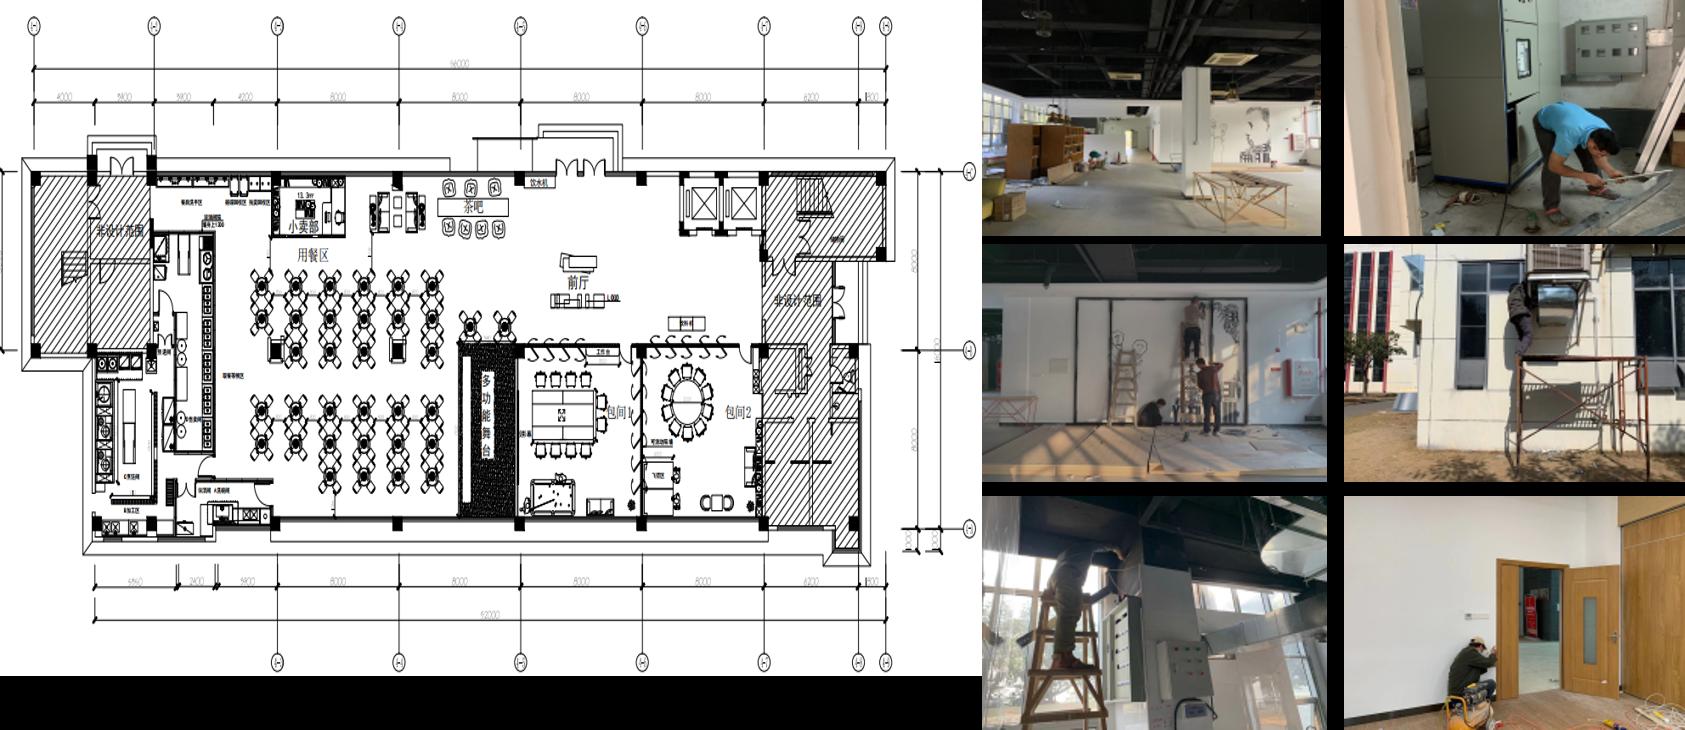 装修工程展览 - 南沙科创园食堂设计装修工程